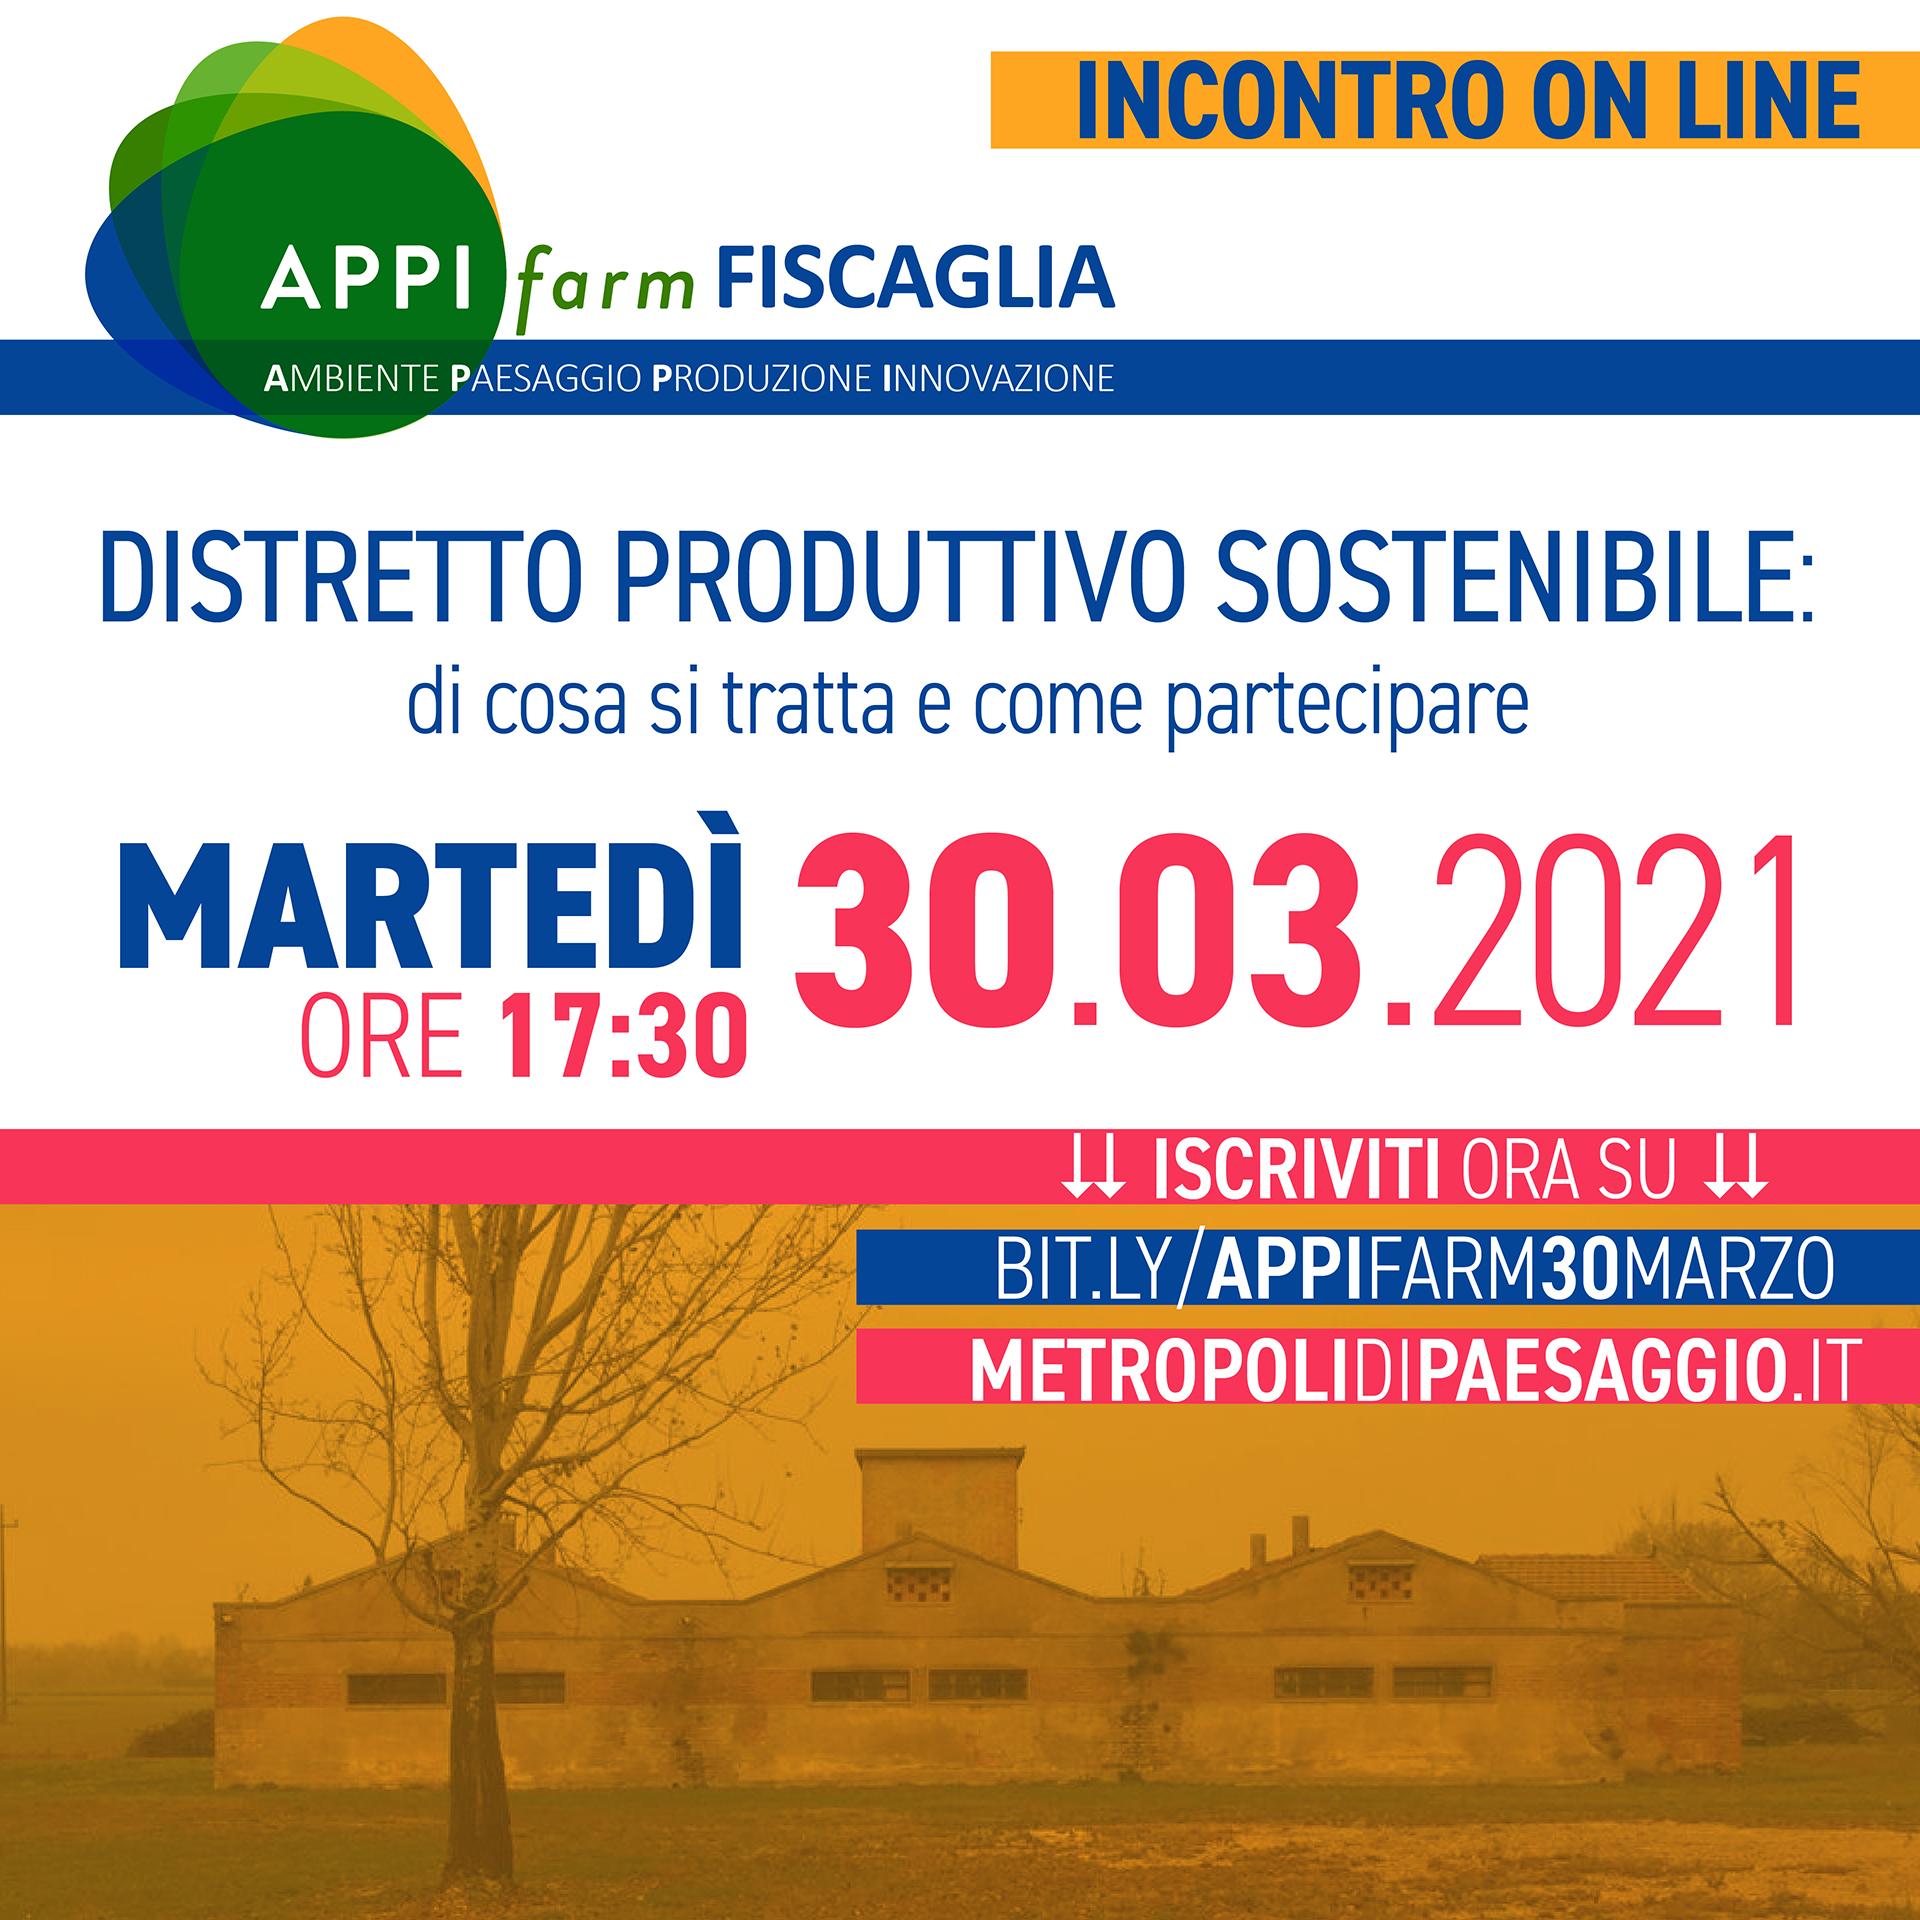 A.P.P.I. Farm Fiscaglia: il 30 marzo la presentazione del progetto sul distretto produttivo sostenibile